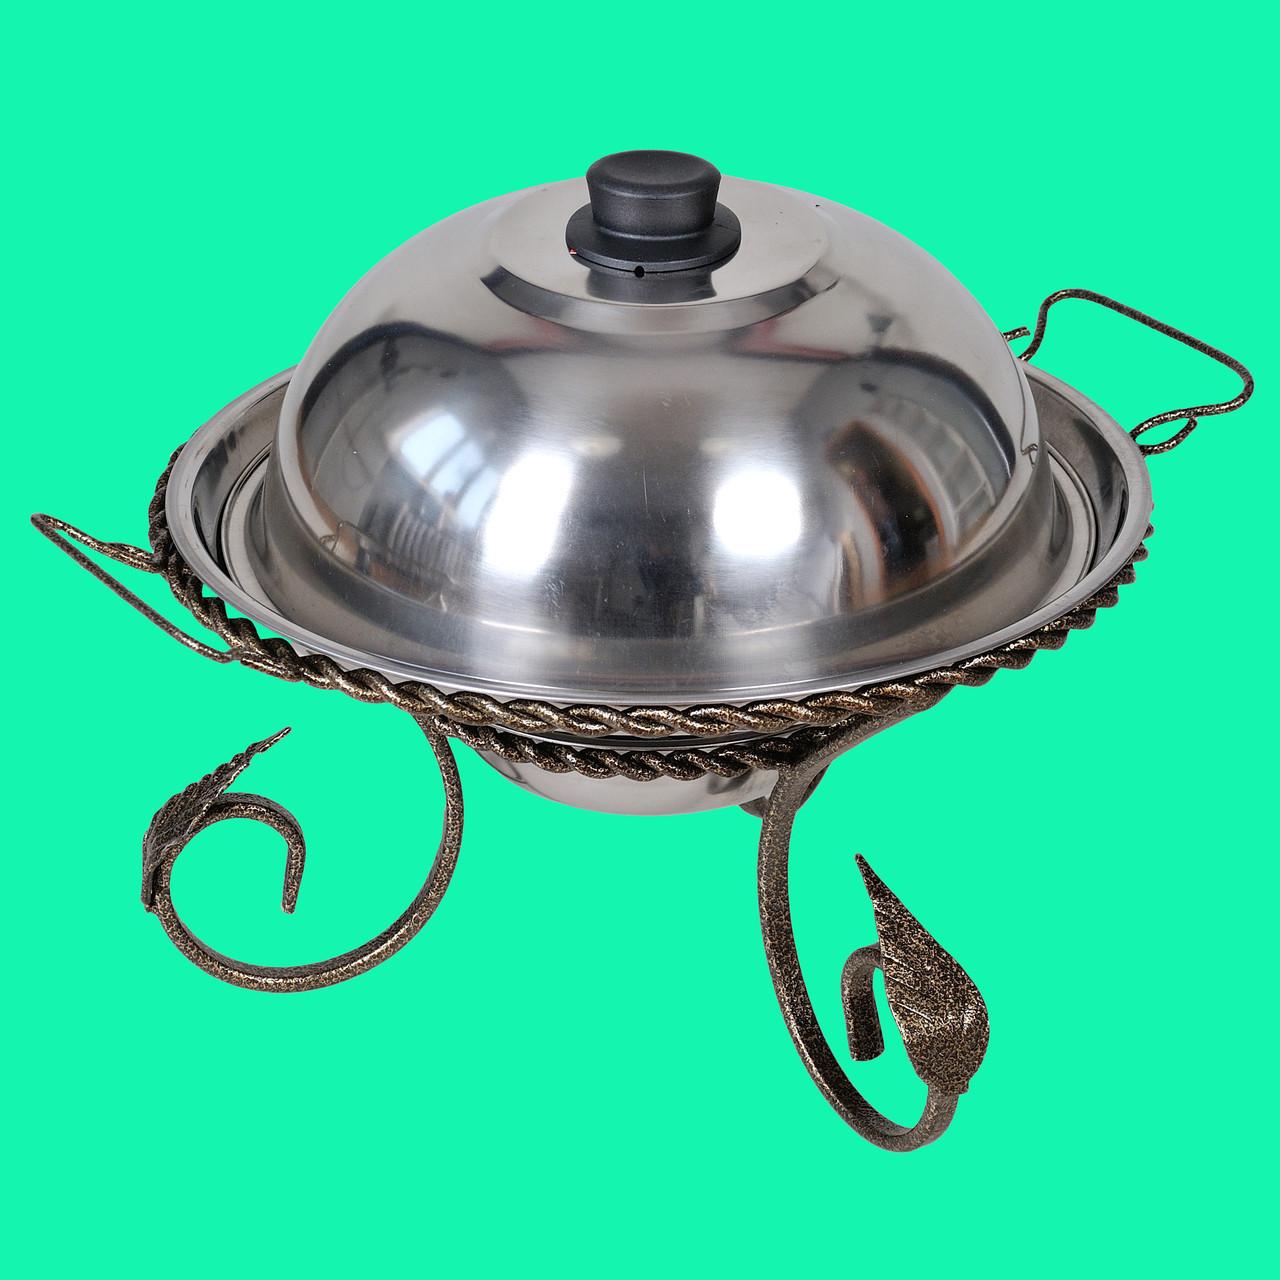 Подставка для подогрева мяса шашлыка Садж с коваными элементами 280 мм + крышка